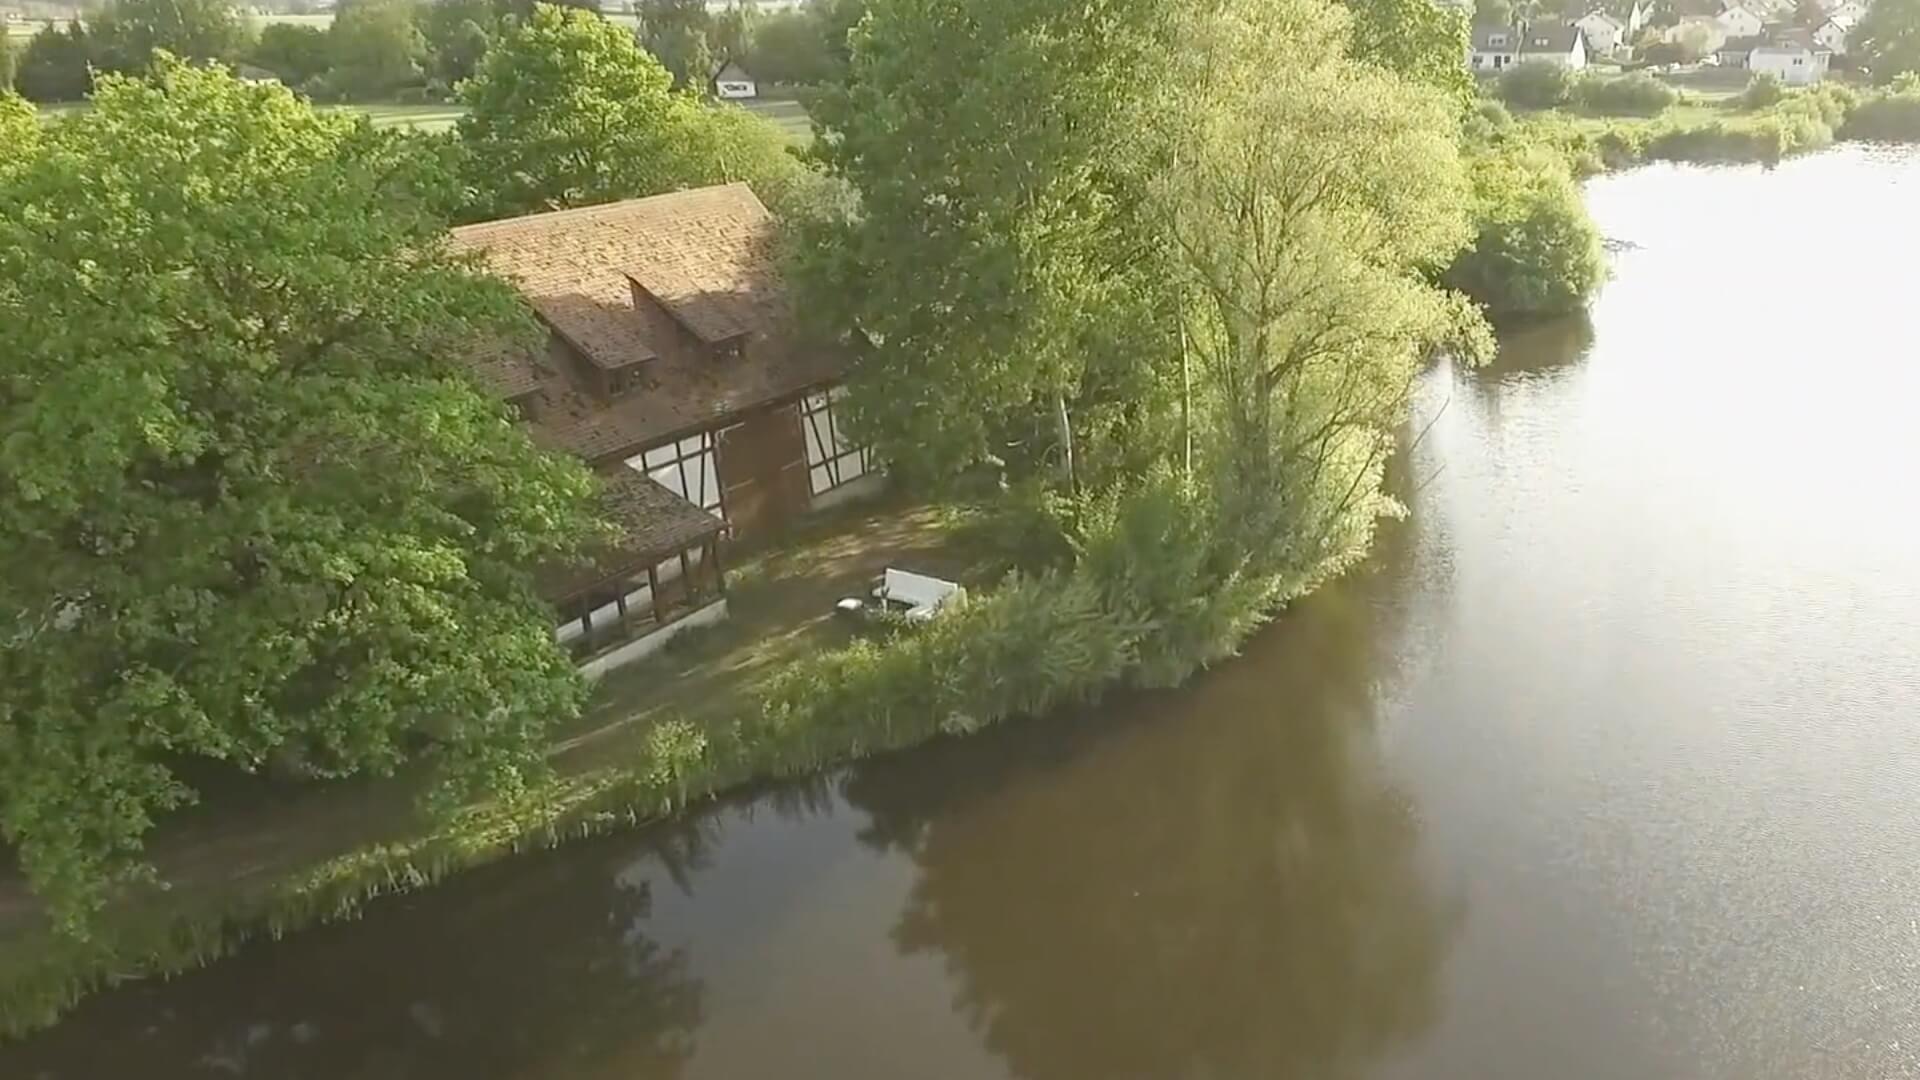 Luftaufnahme eines ländlichen Hauses